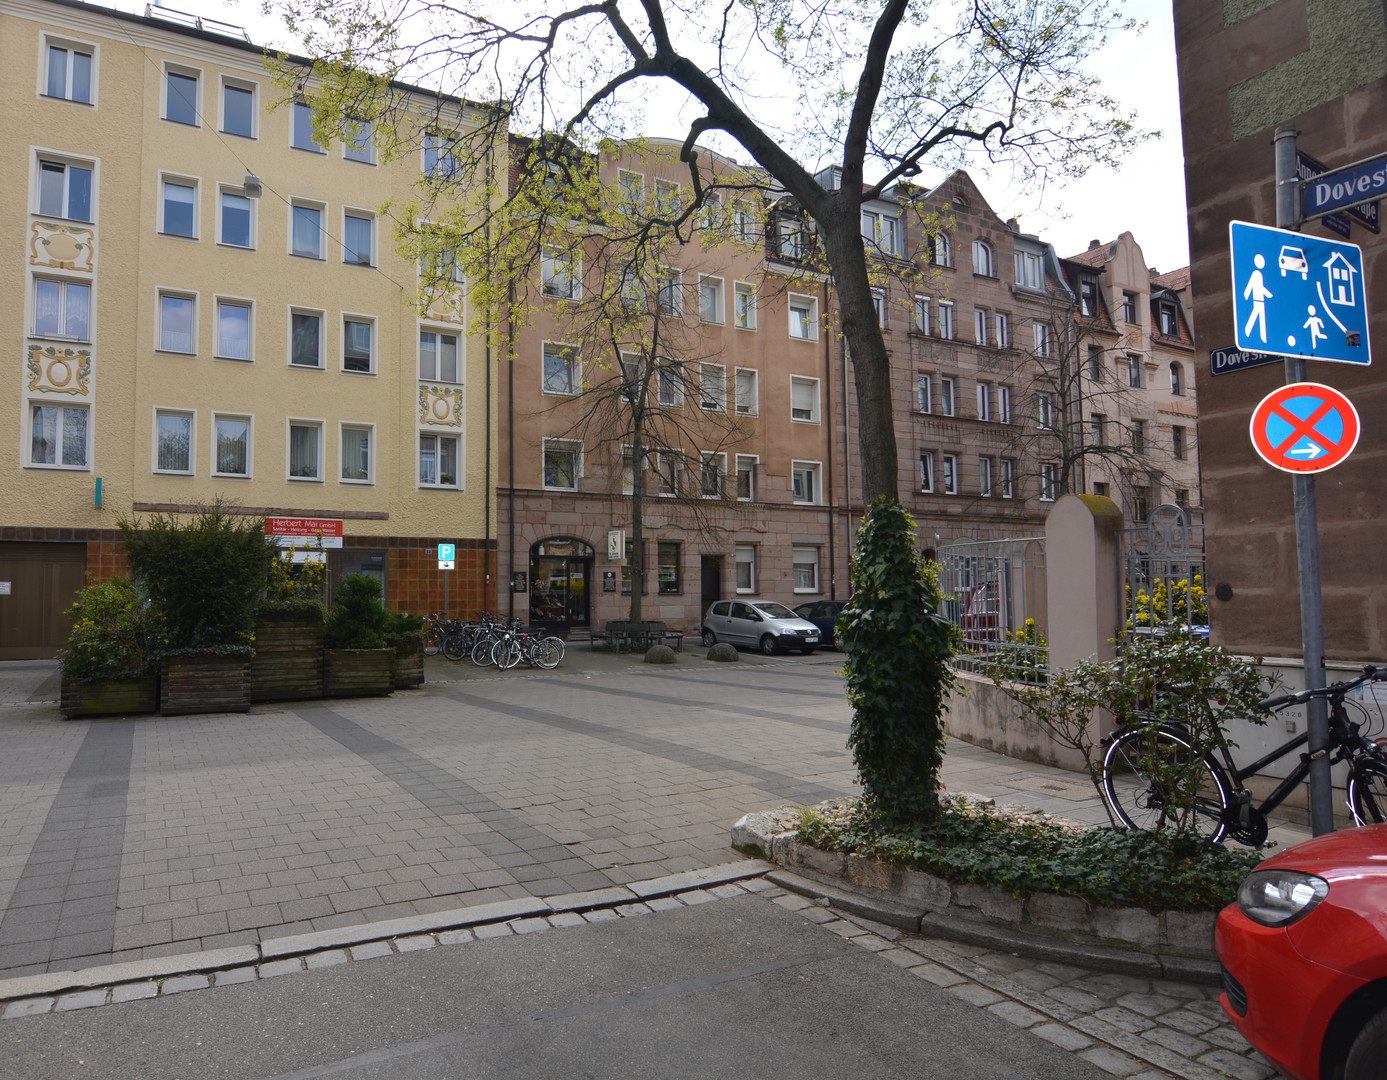 Nurnberg1501.JPG